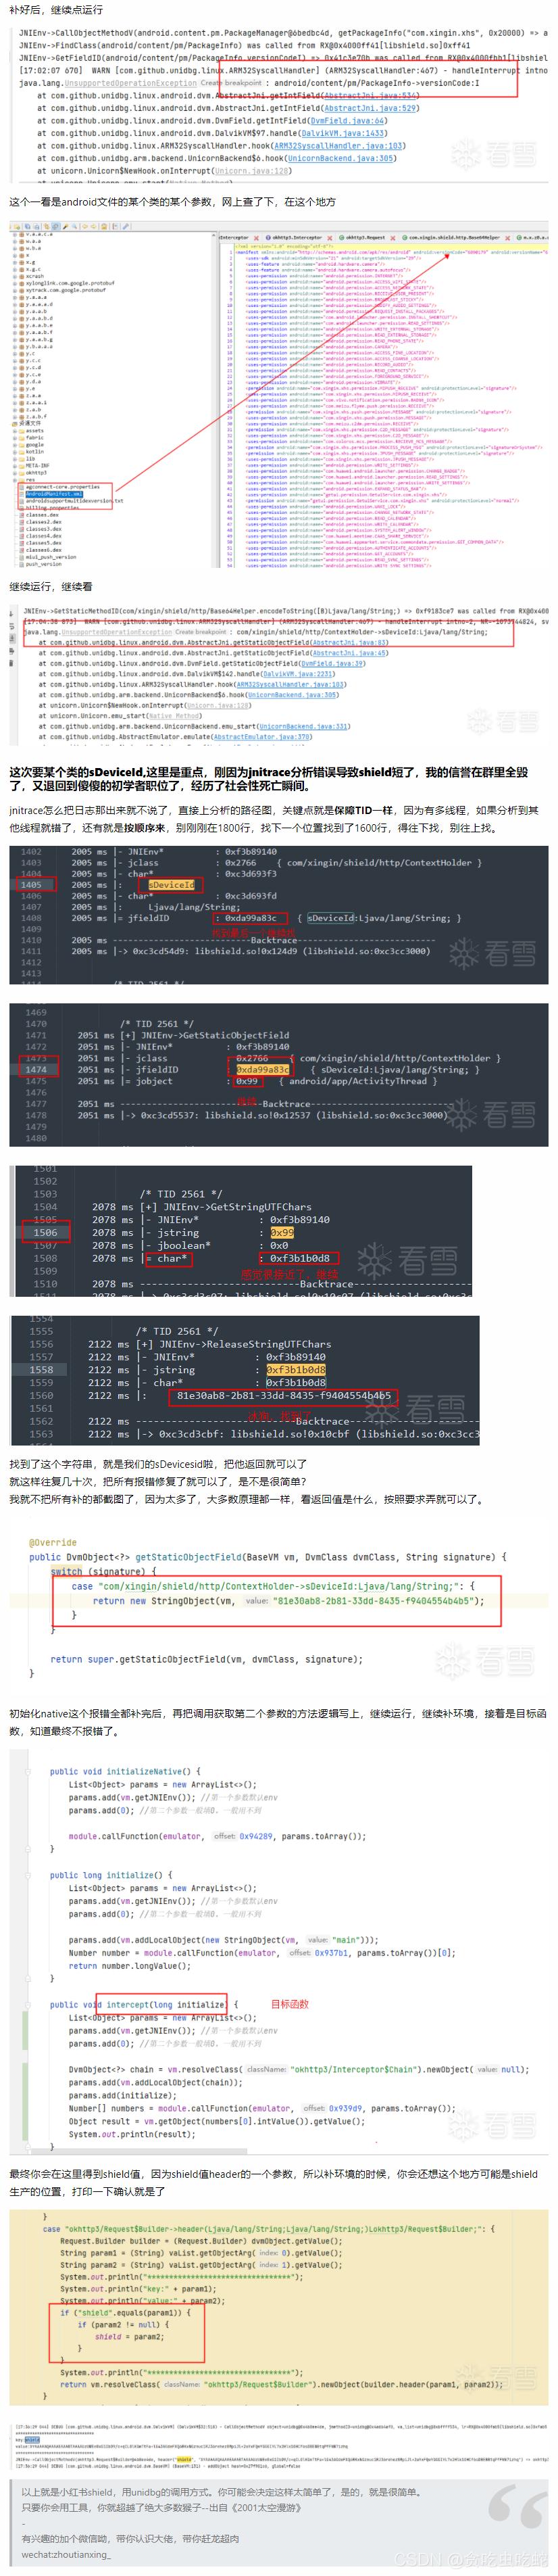 小红书 6.89.0.1版本 shield unidbg